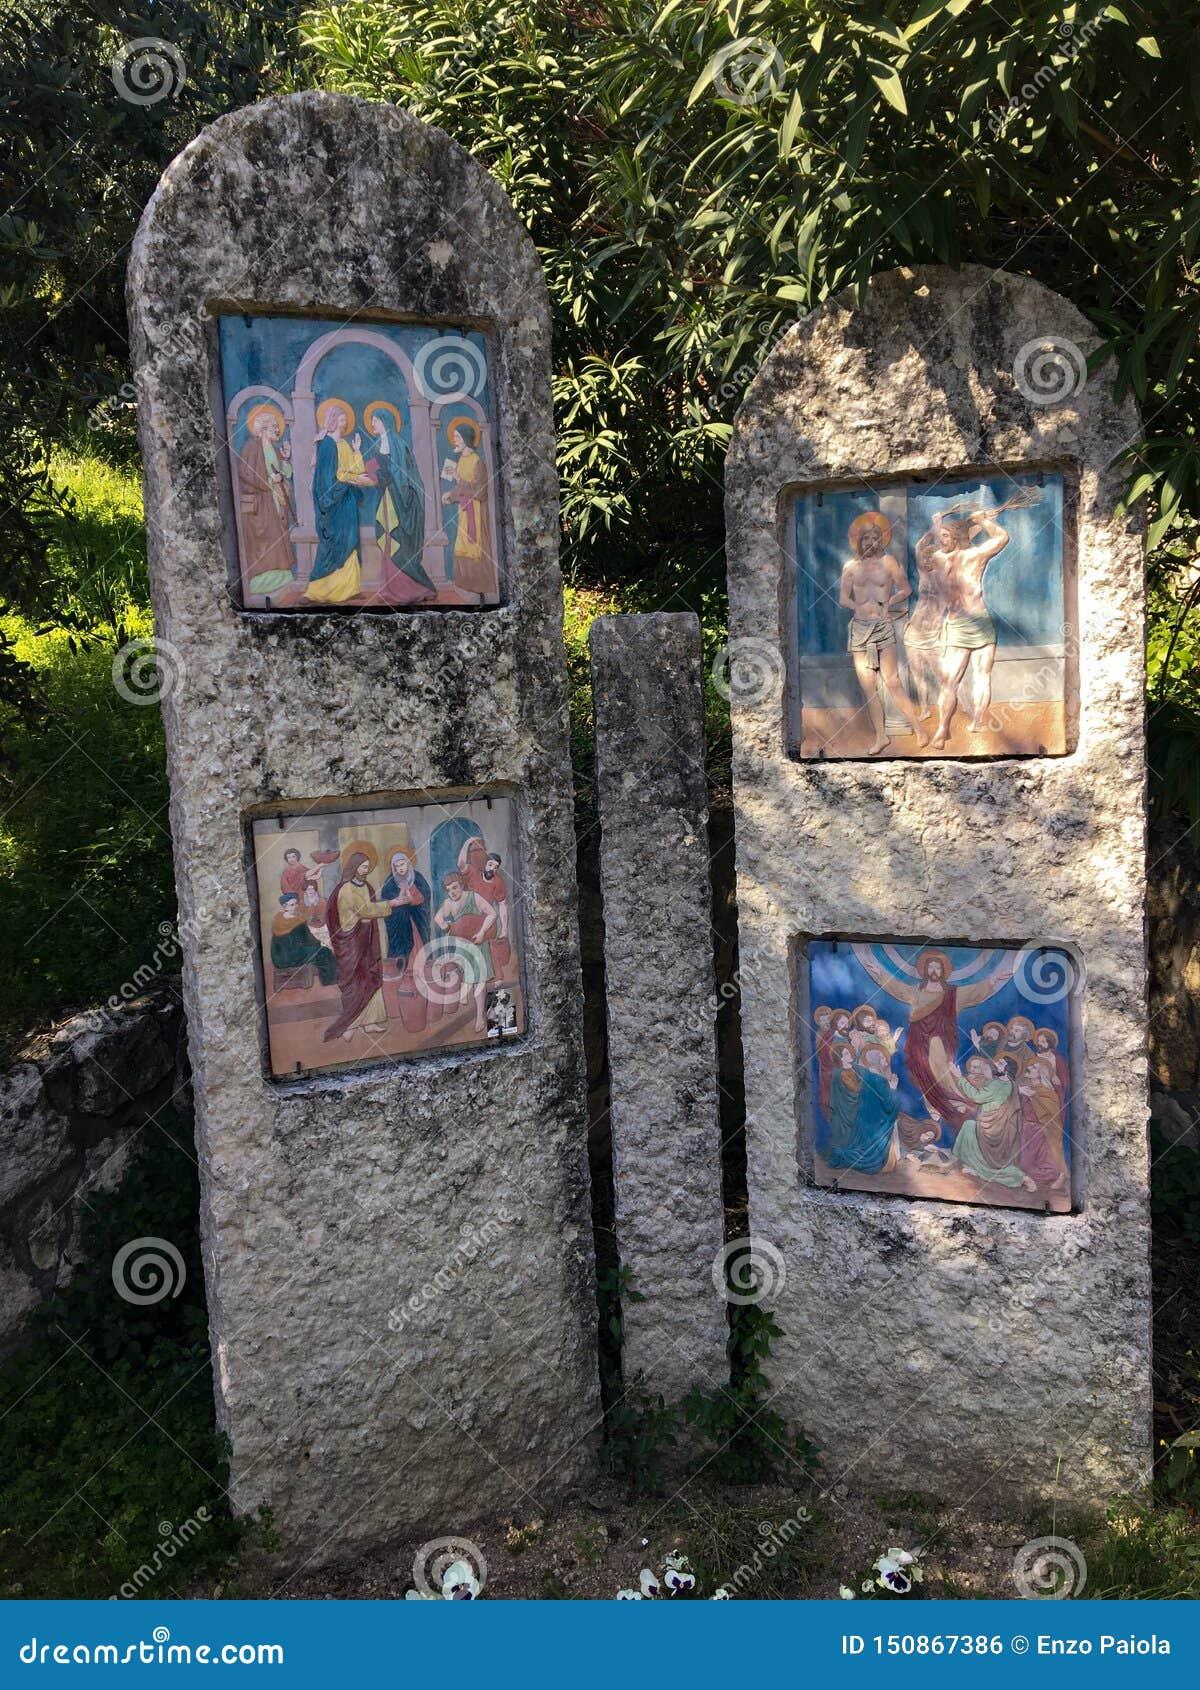 Zwyczajna ścieżka przez z crucis sanktuarium madonn di Lourdes Verona Włochy